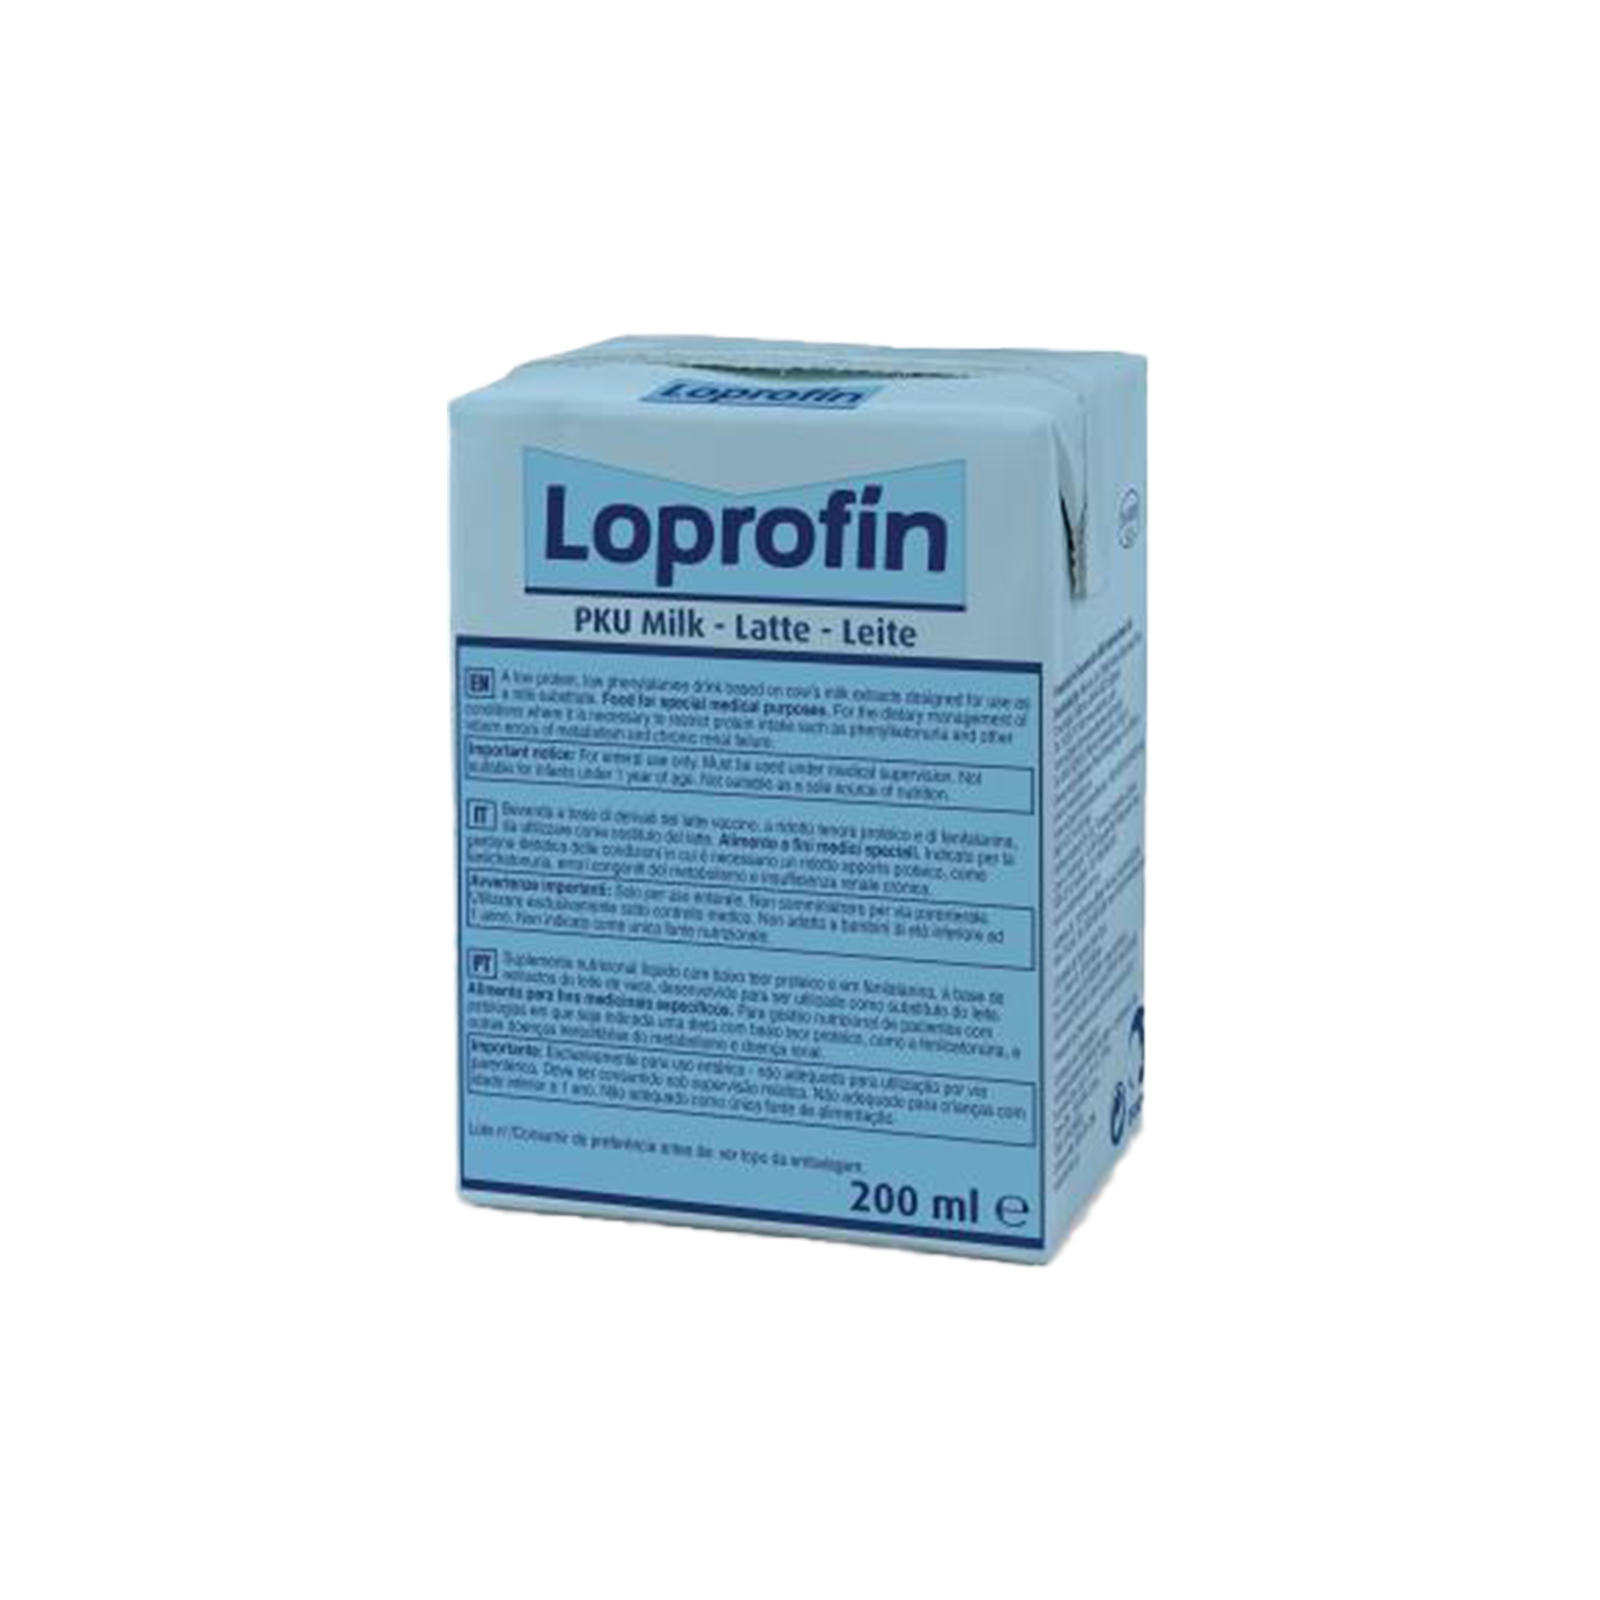 Loprofin Drink 1x Confezione 200 ml | Nutricia